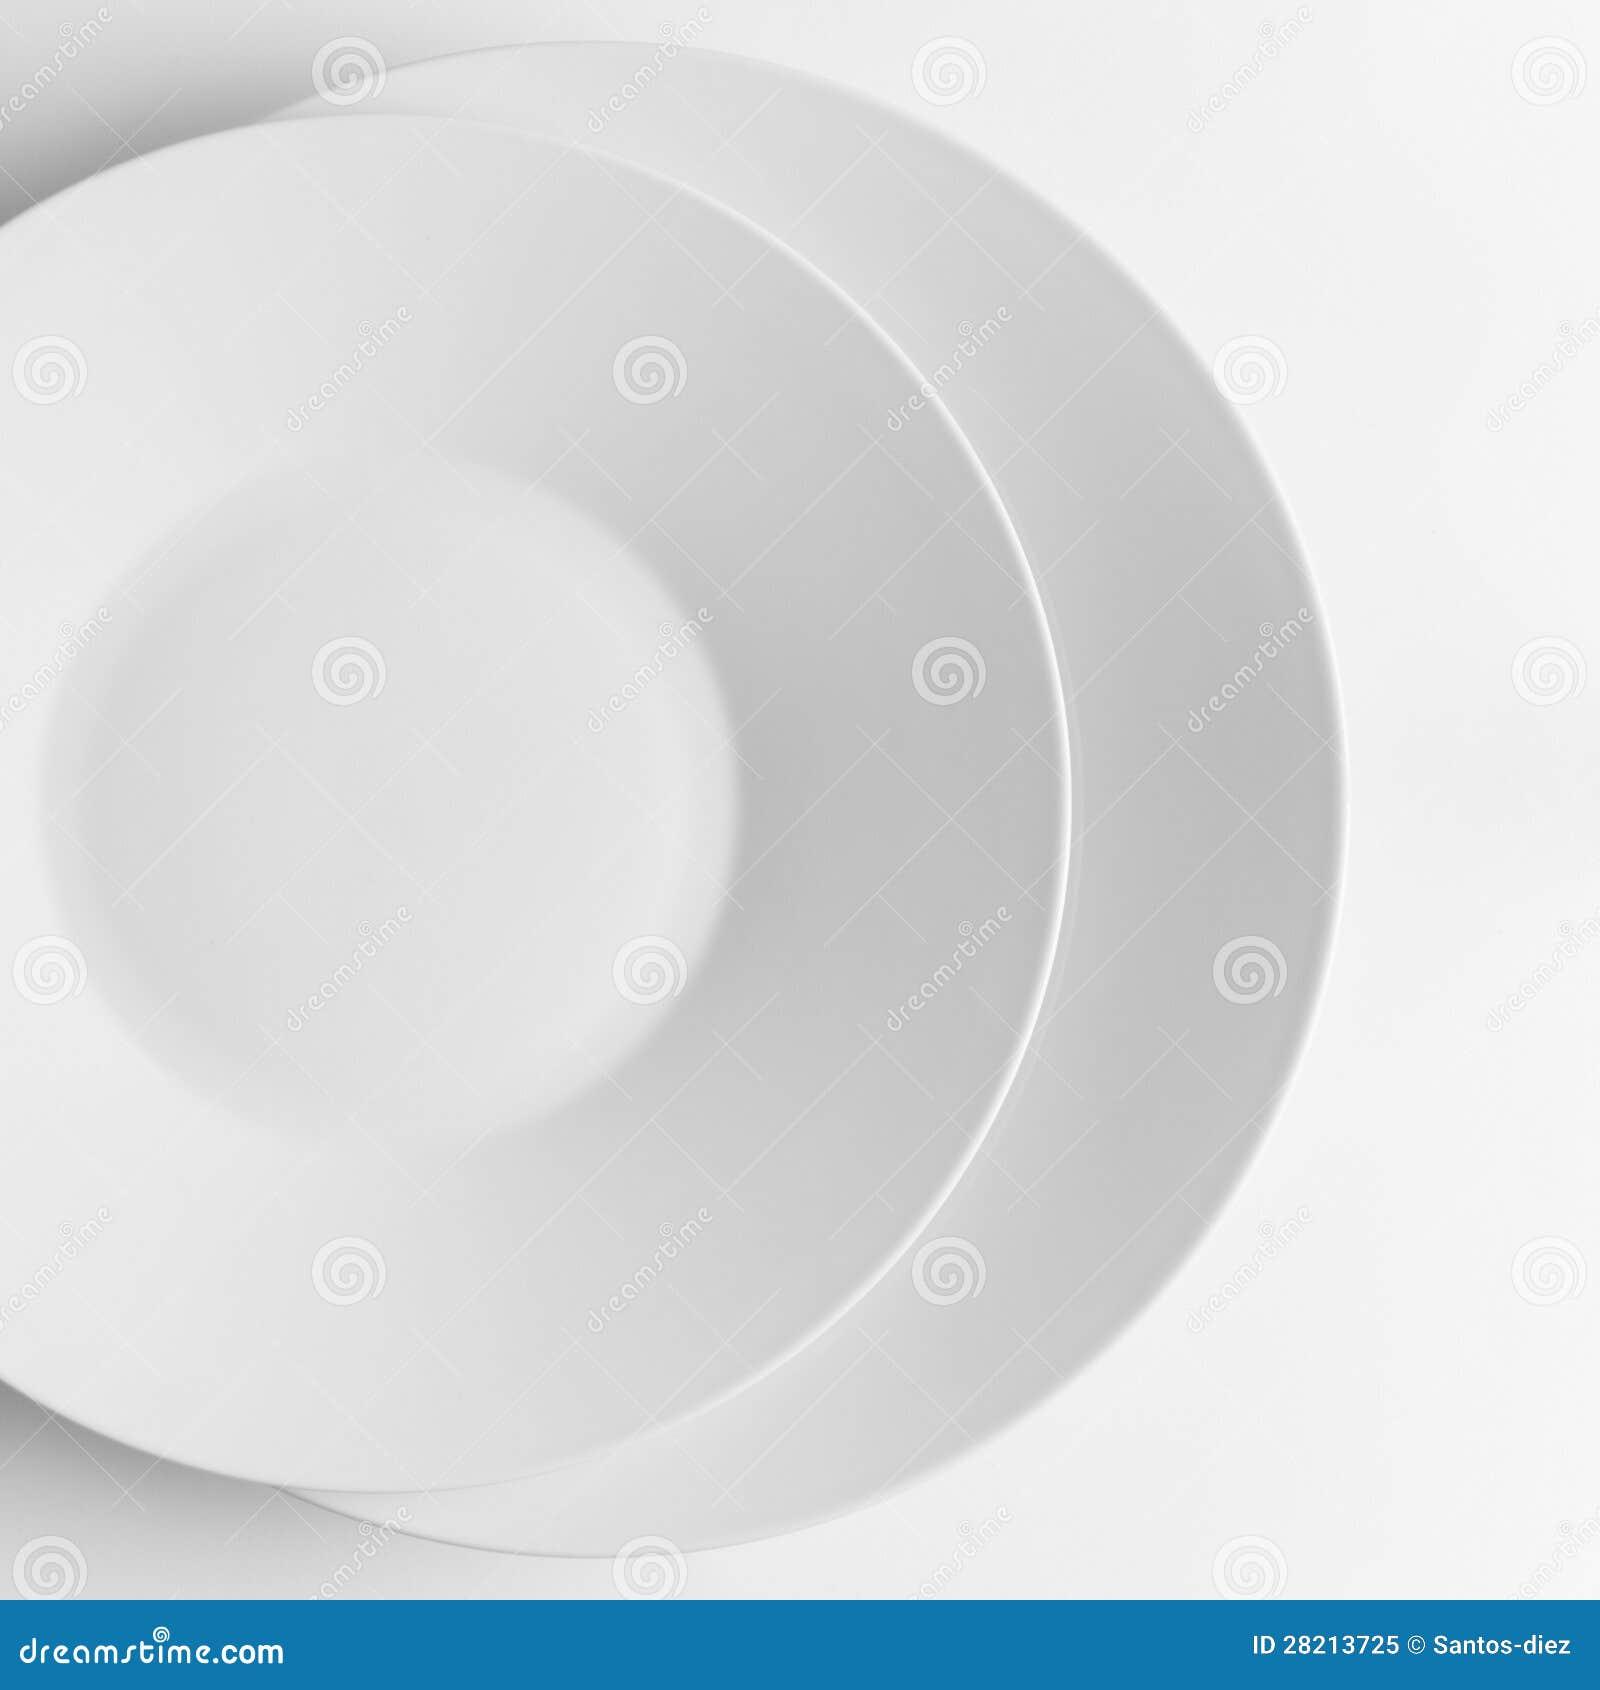 Two white plates